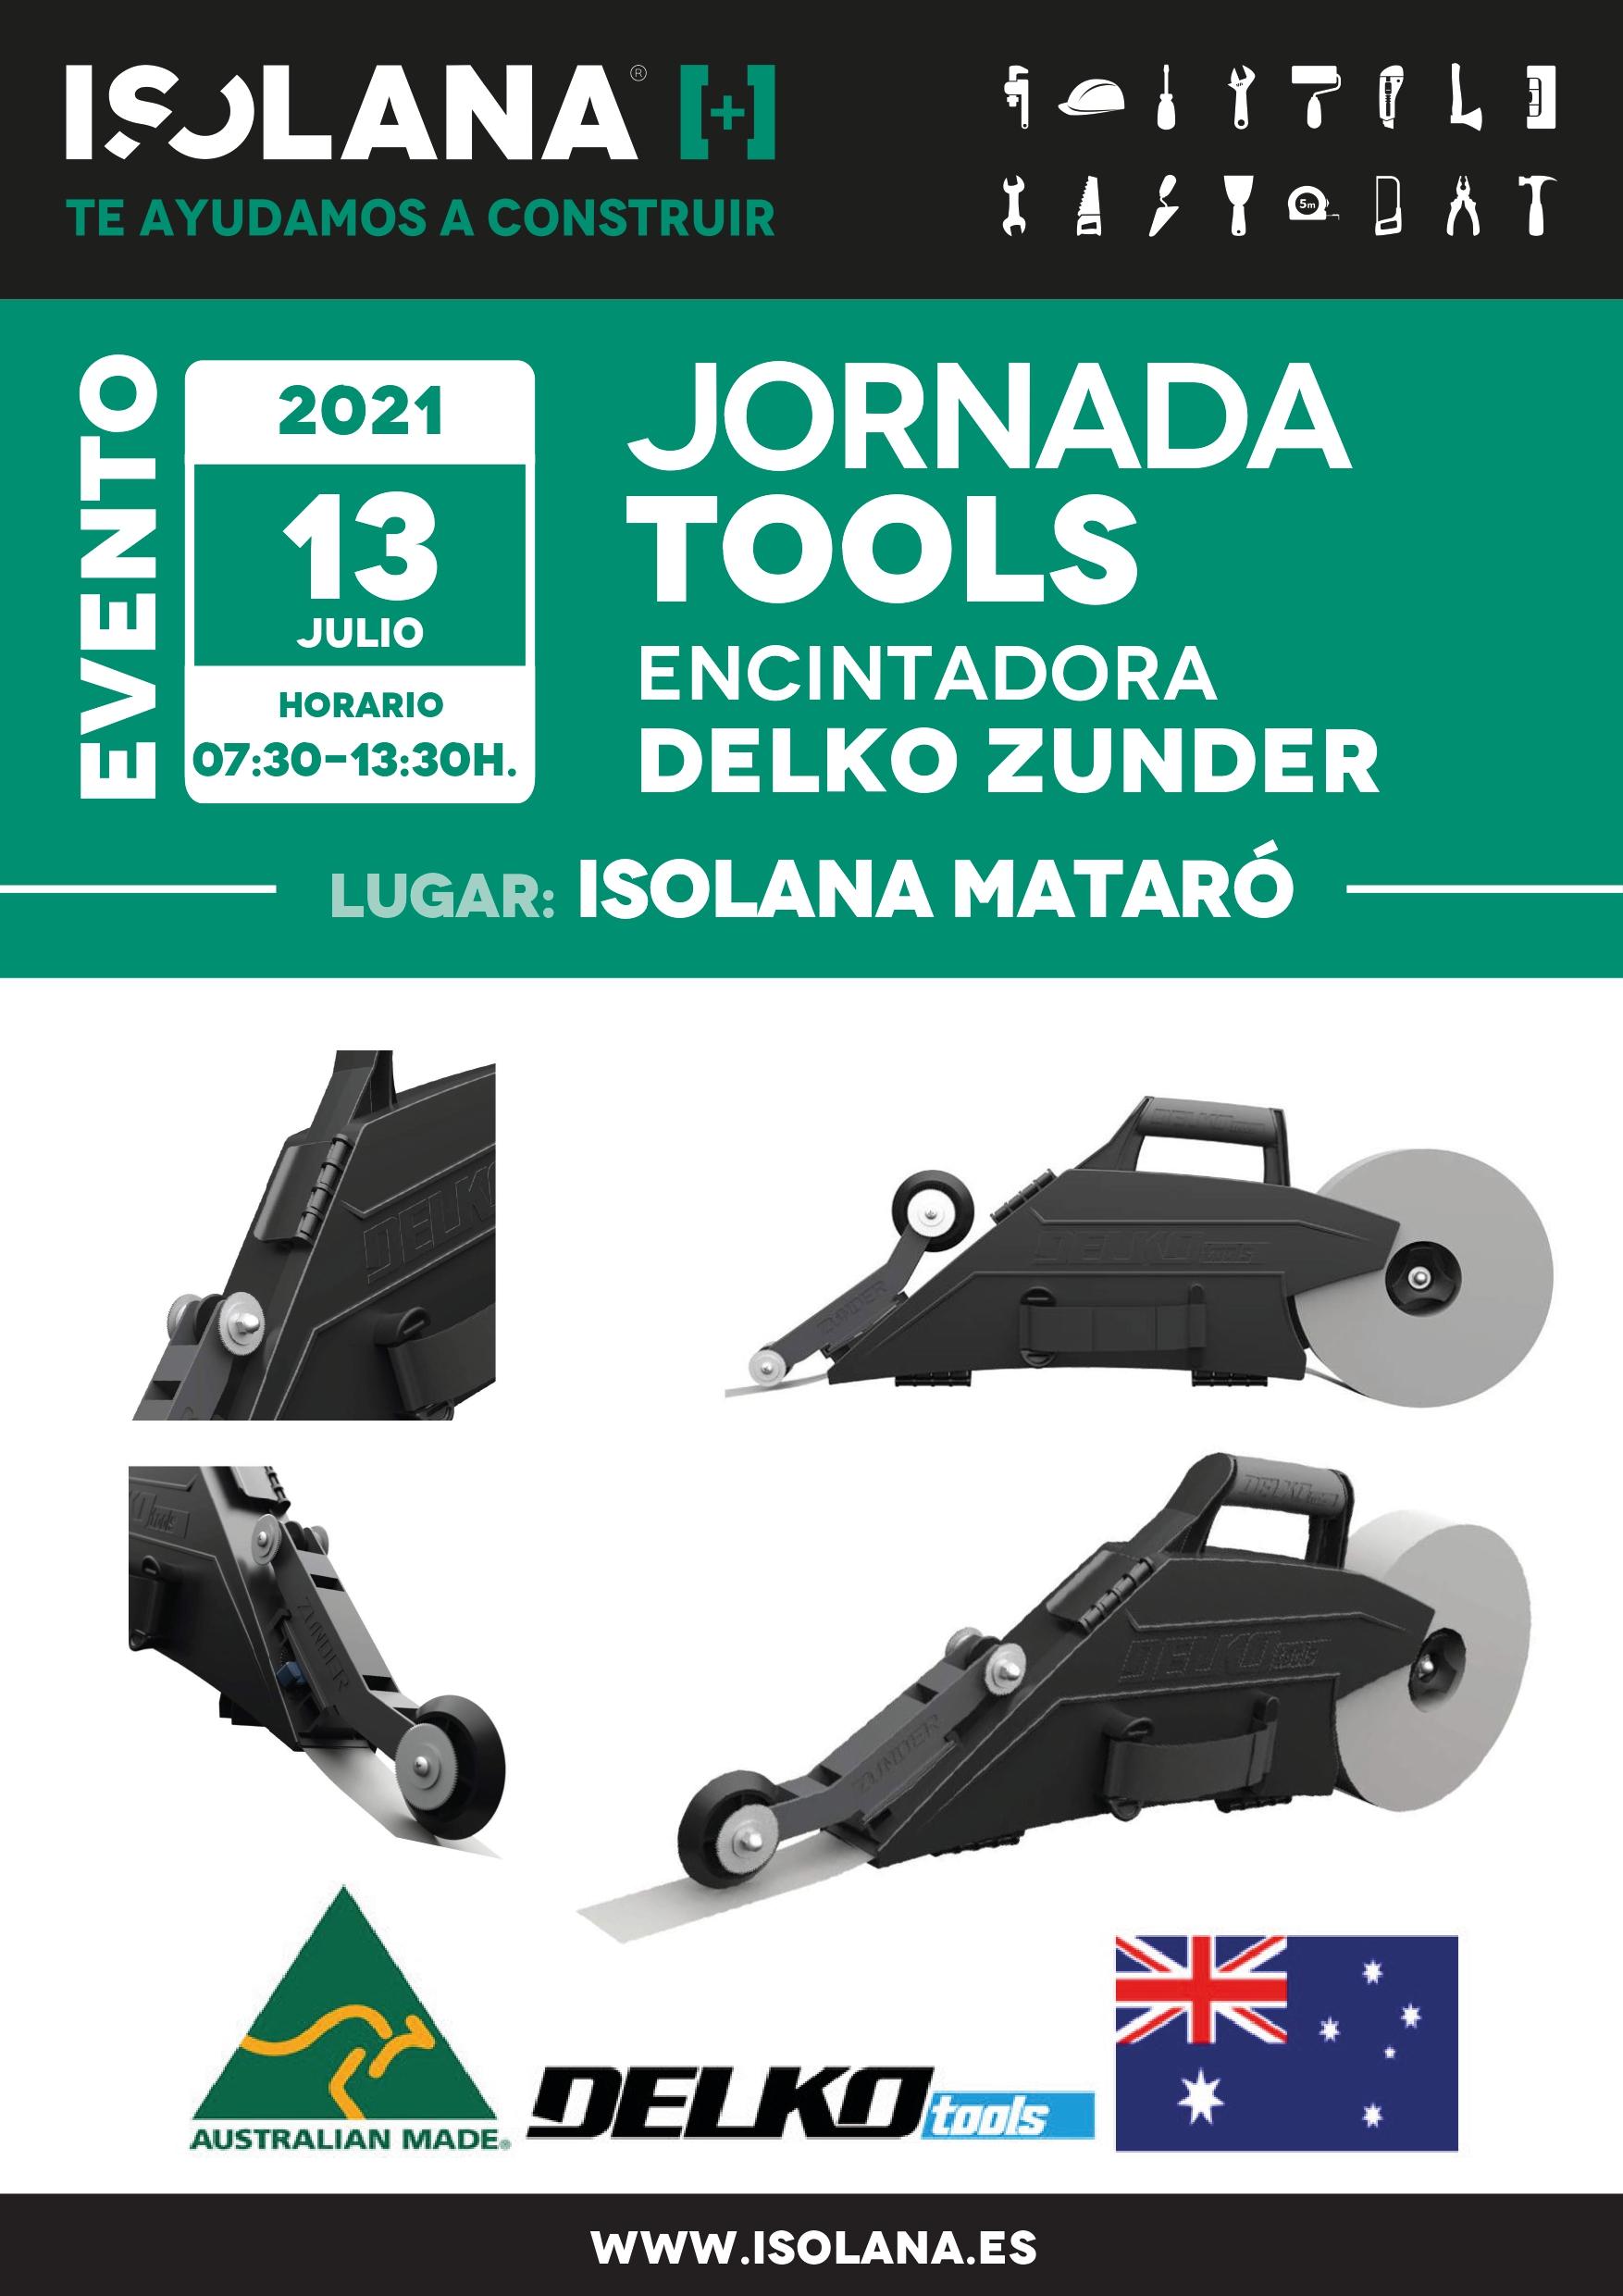 Demostración herramientas en ISOLANA MATARÓ